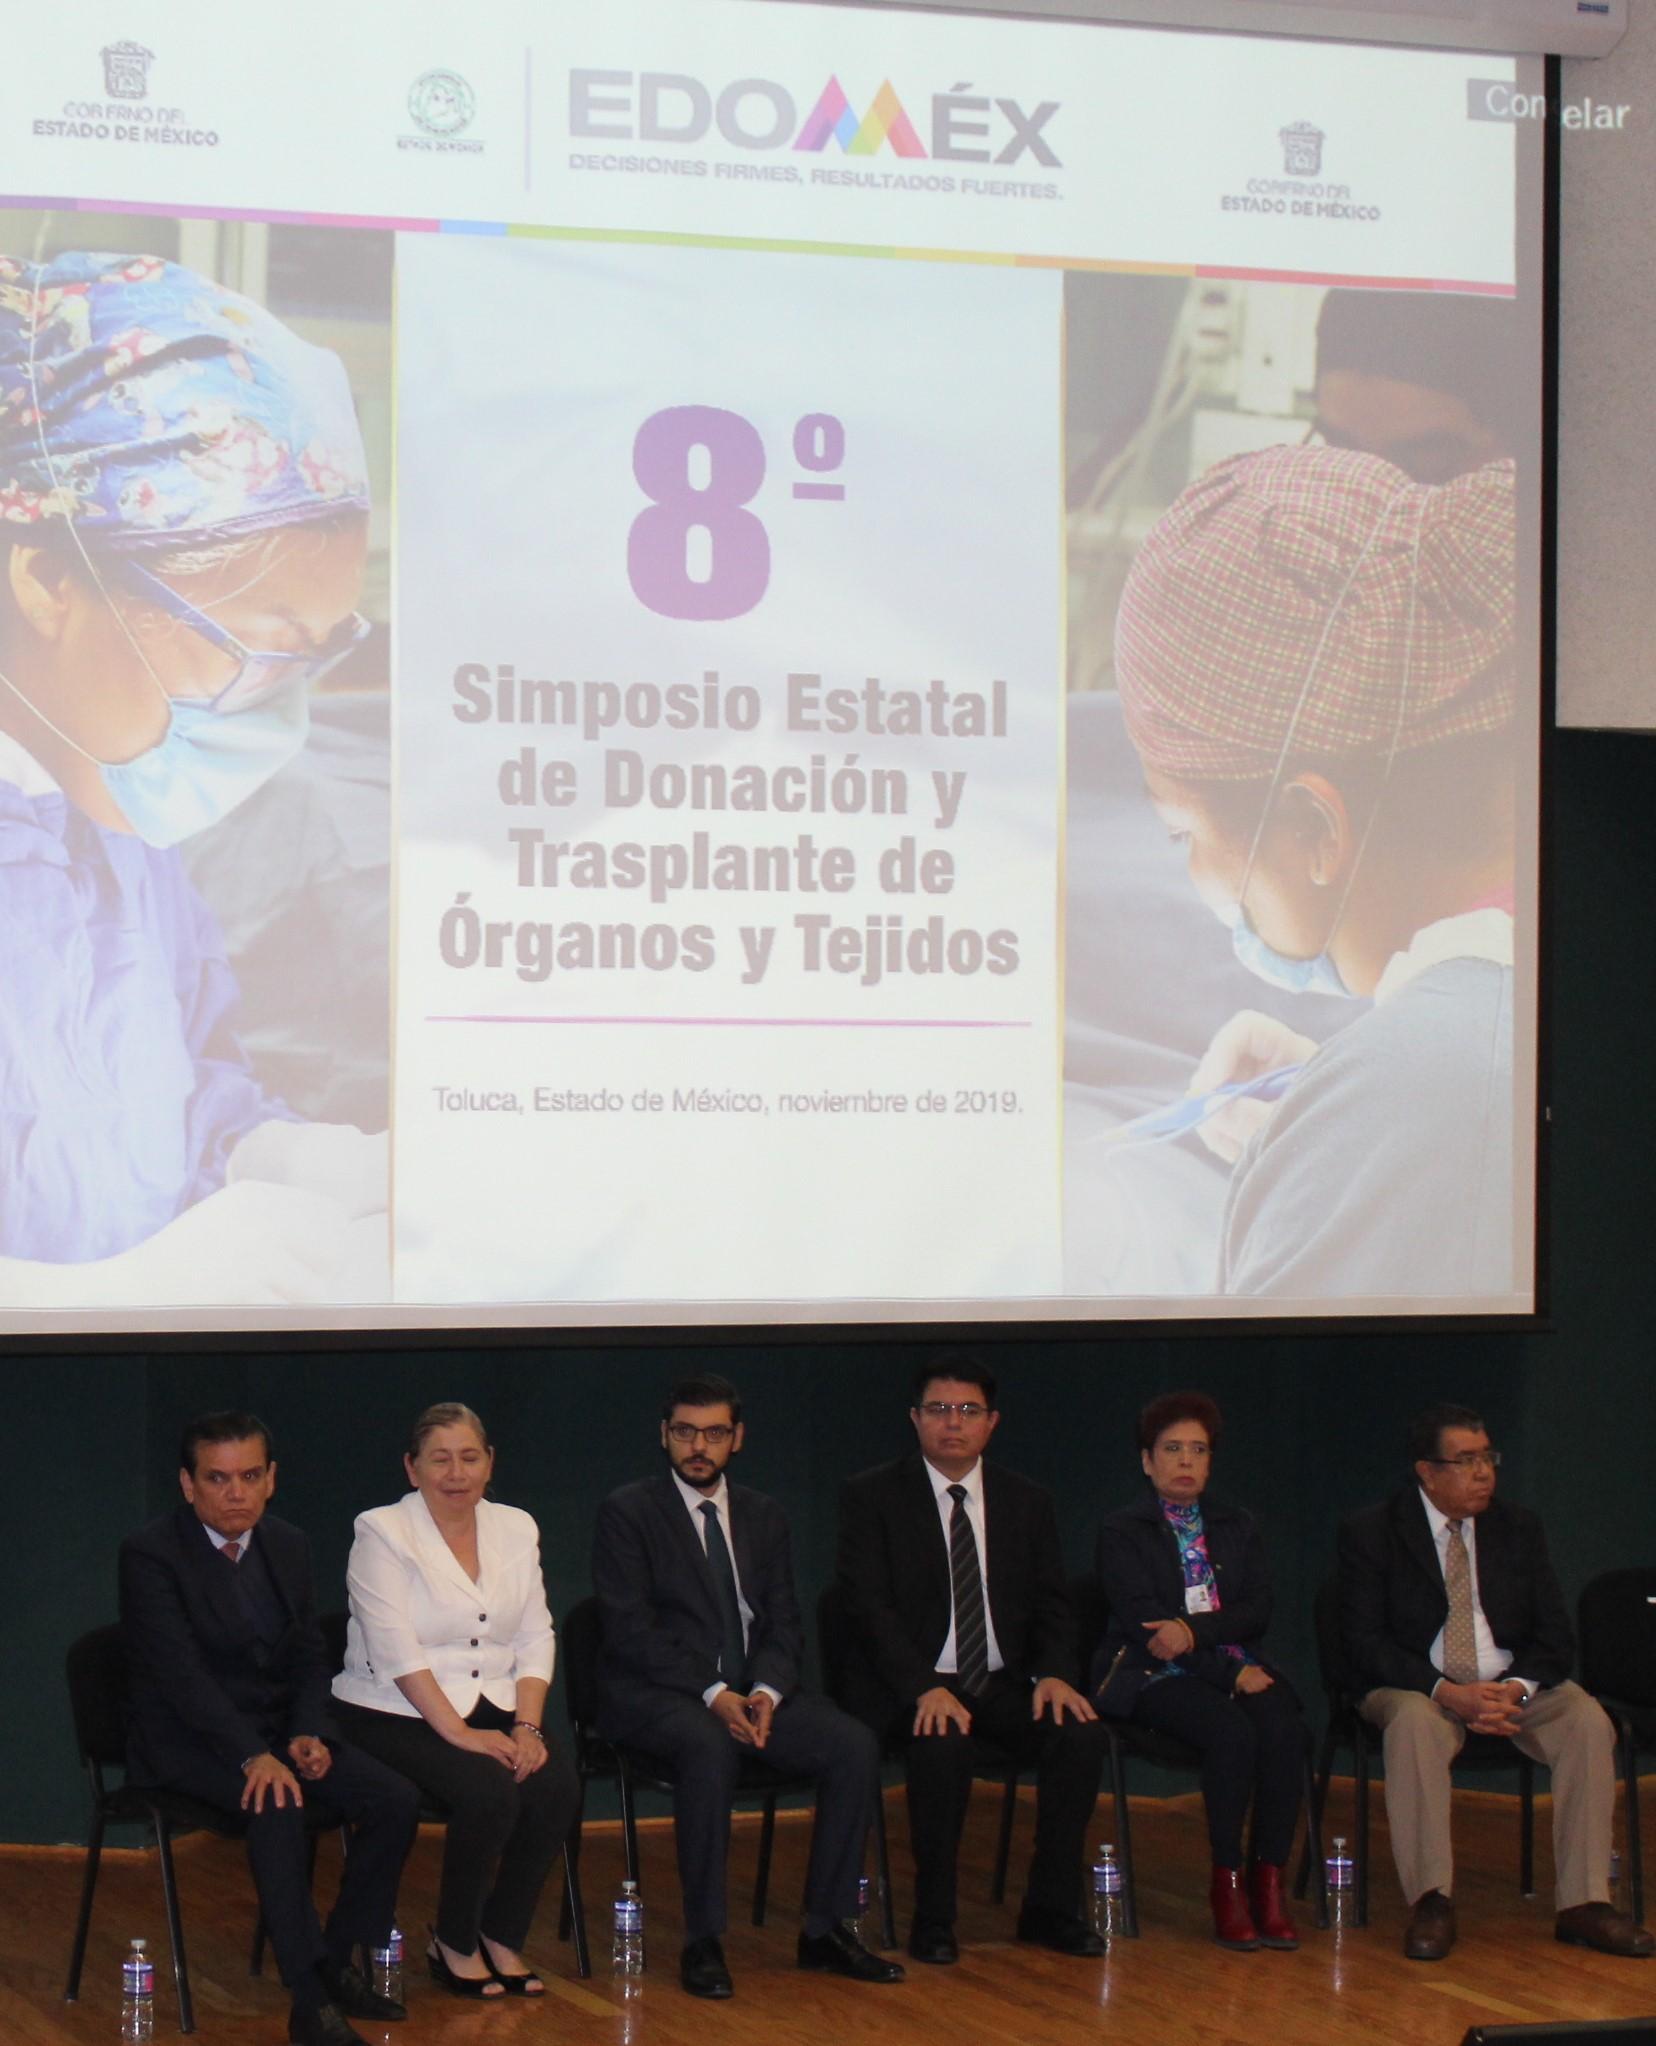 Realiza CETRAEM simposio en donación y trasplante de órganos